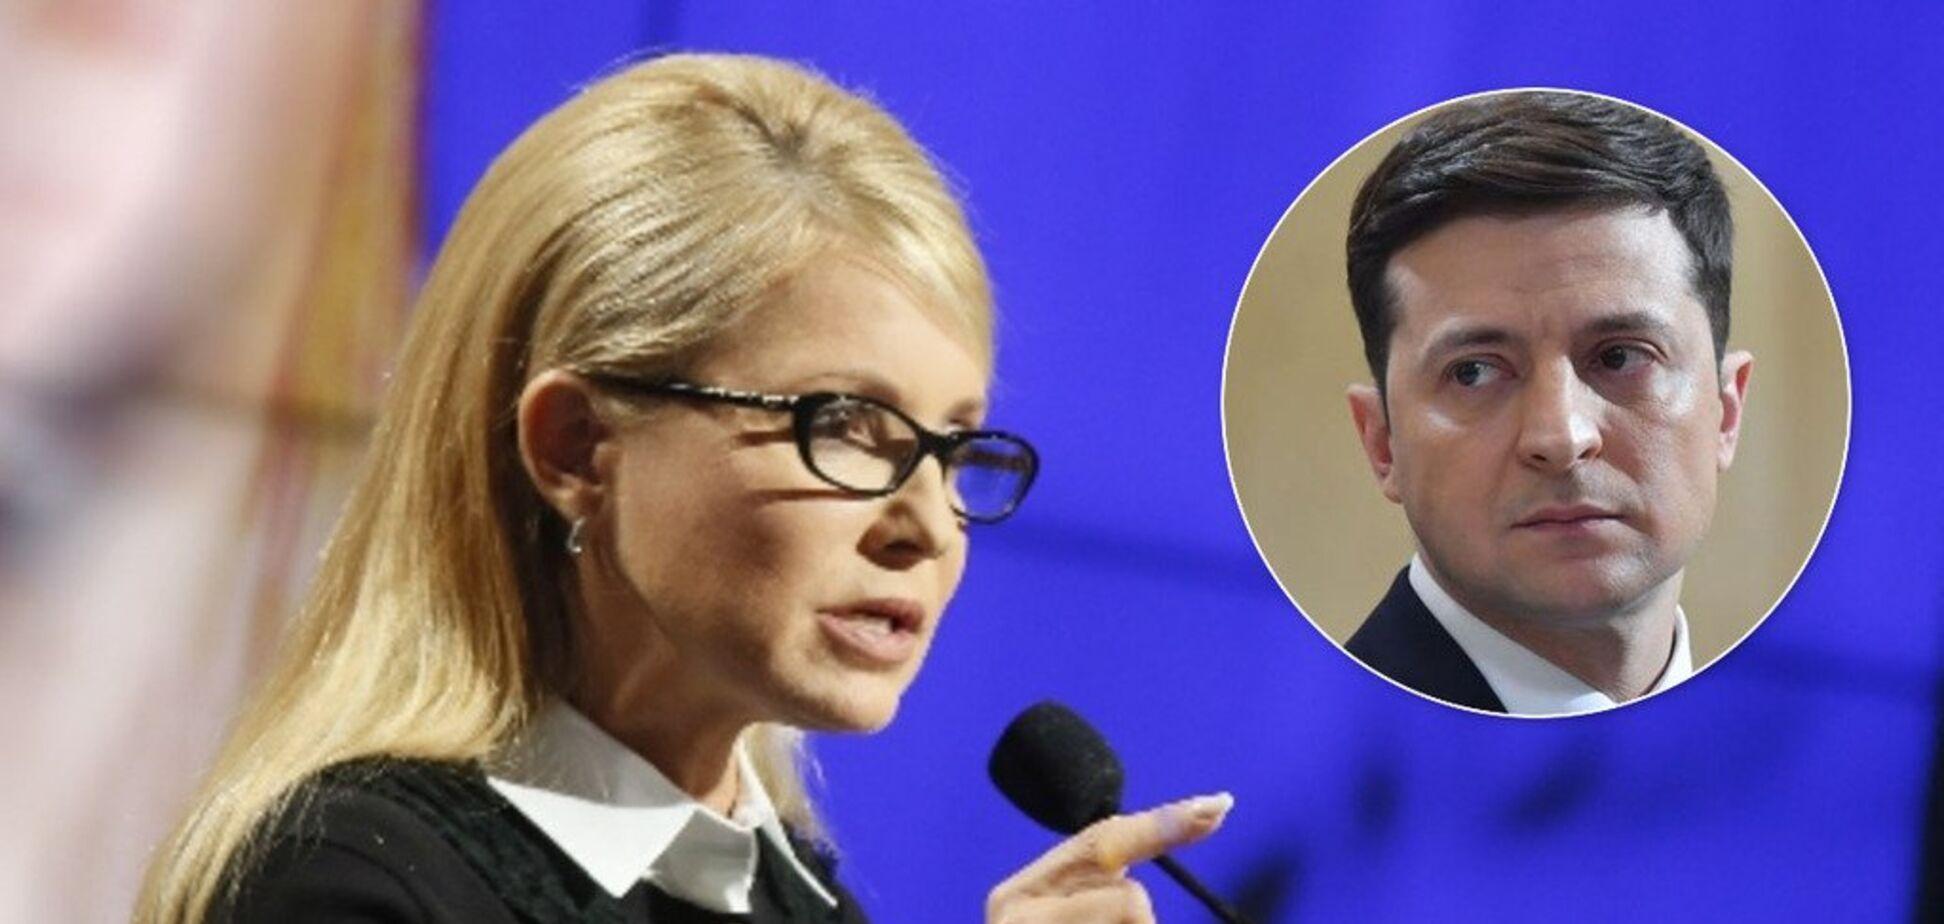 'Політичний склероз': як Тимошенко підставляється з критикою нової влади